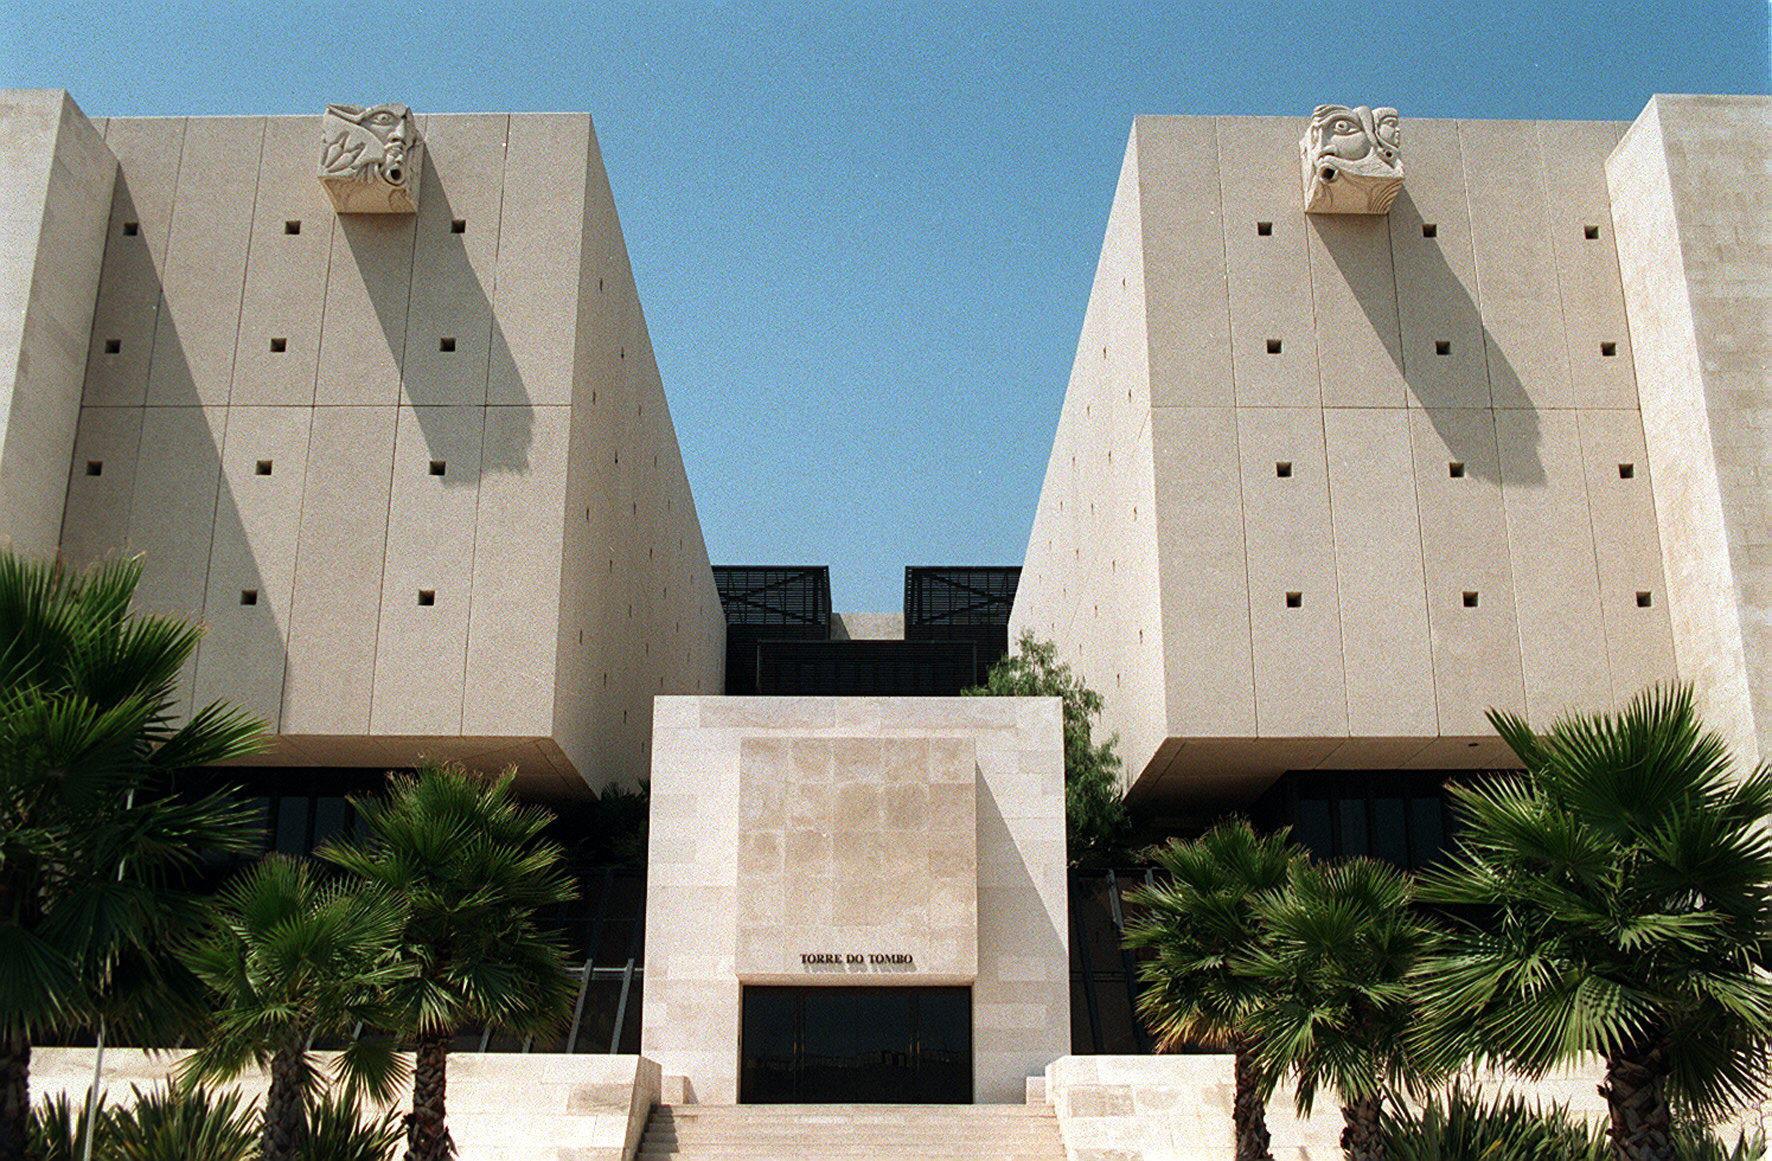 Torre do Tombo contabilizou 18 entradas por incorporação de documentação